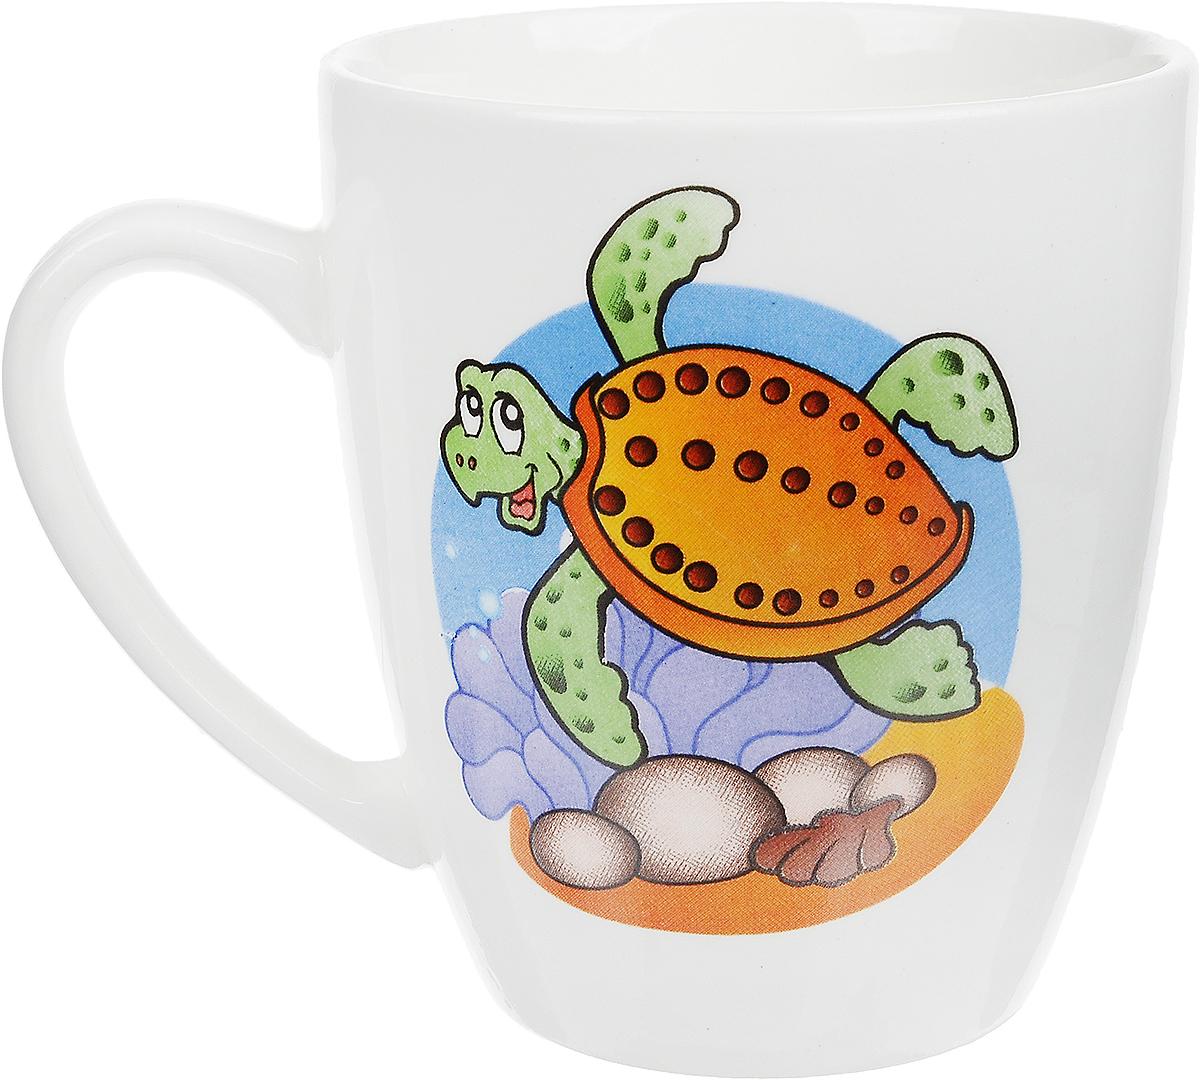 Кубаньфарфор Кружка детская Морской мир Черепаха 260 мл 14008001400800_черепахаФаянсовая детская кружка Кубаньфарфор Морской мир: Черепаха с забавным рисунком понравится каждому малышу. Изделие из качественного материала станет правильным выбором для повседневной эксплуатации и поможет превратить каждый прием пищи в радостное приключение.Кружка легко моется, не впитывает запахи, а рисунок имеет насыщенный цвет. Благодаря безопасному материалу, кружка подойдет для любых напитков. Объем кружки - 220 мл. Кружа дополнена удобной ручкой, а ее небольшие размеры и вес позволят малышу без труда держать кружку самостоятельно.Оригинальная детская кружка непременно порадует ребенка и станет отличным подарком для маленького мореплавателя. Кружку можно использовать в СВЧ-печах и мыть в посудомоечных машинах.